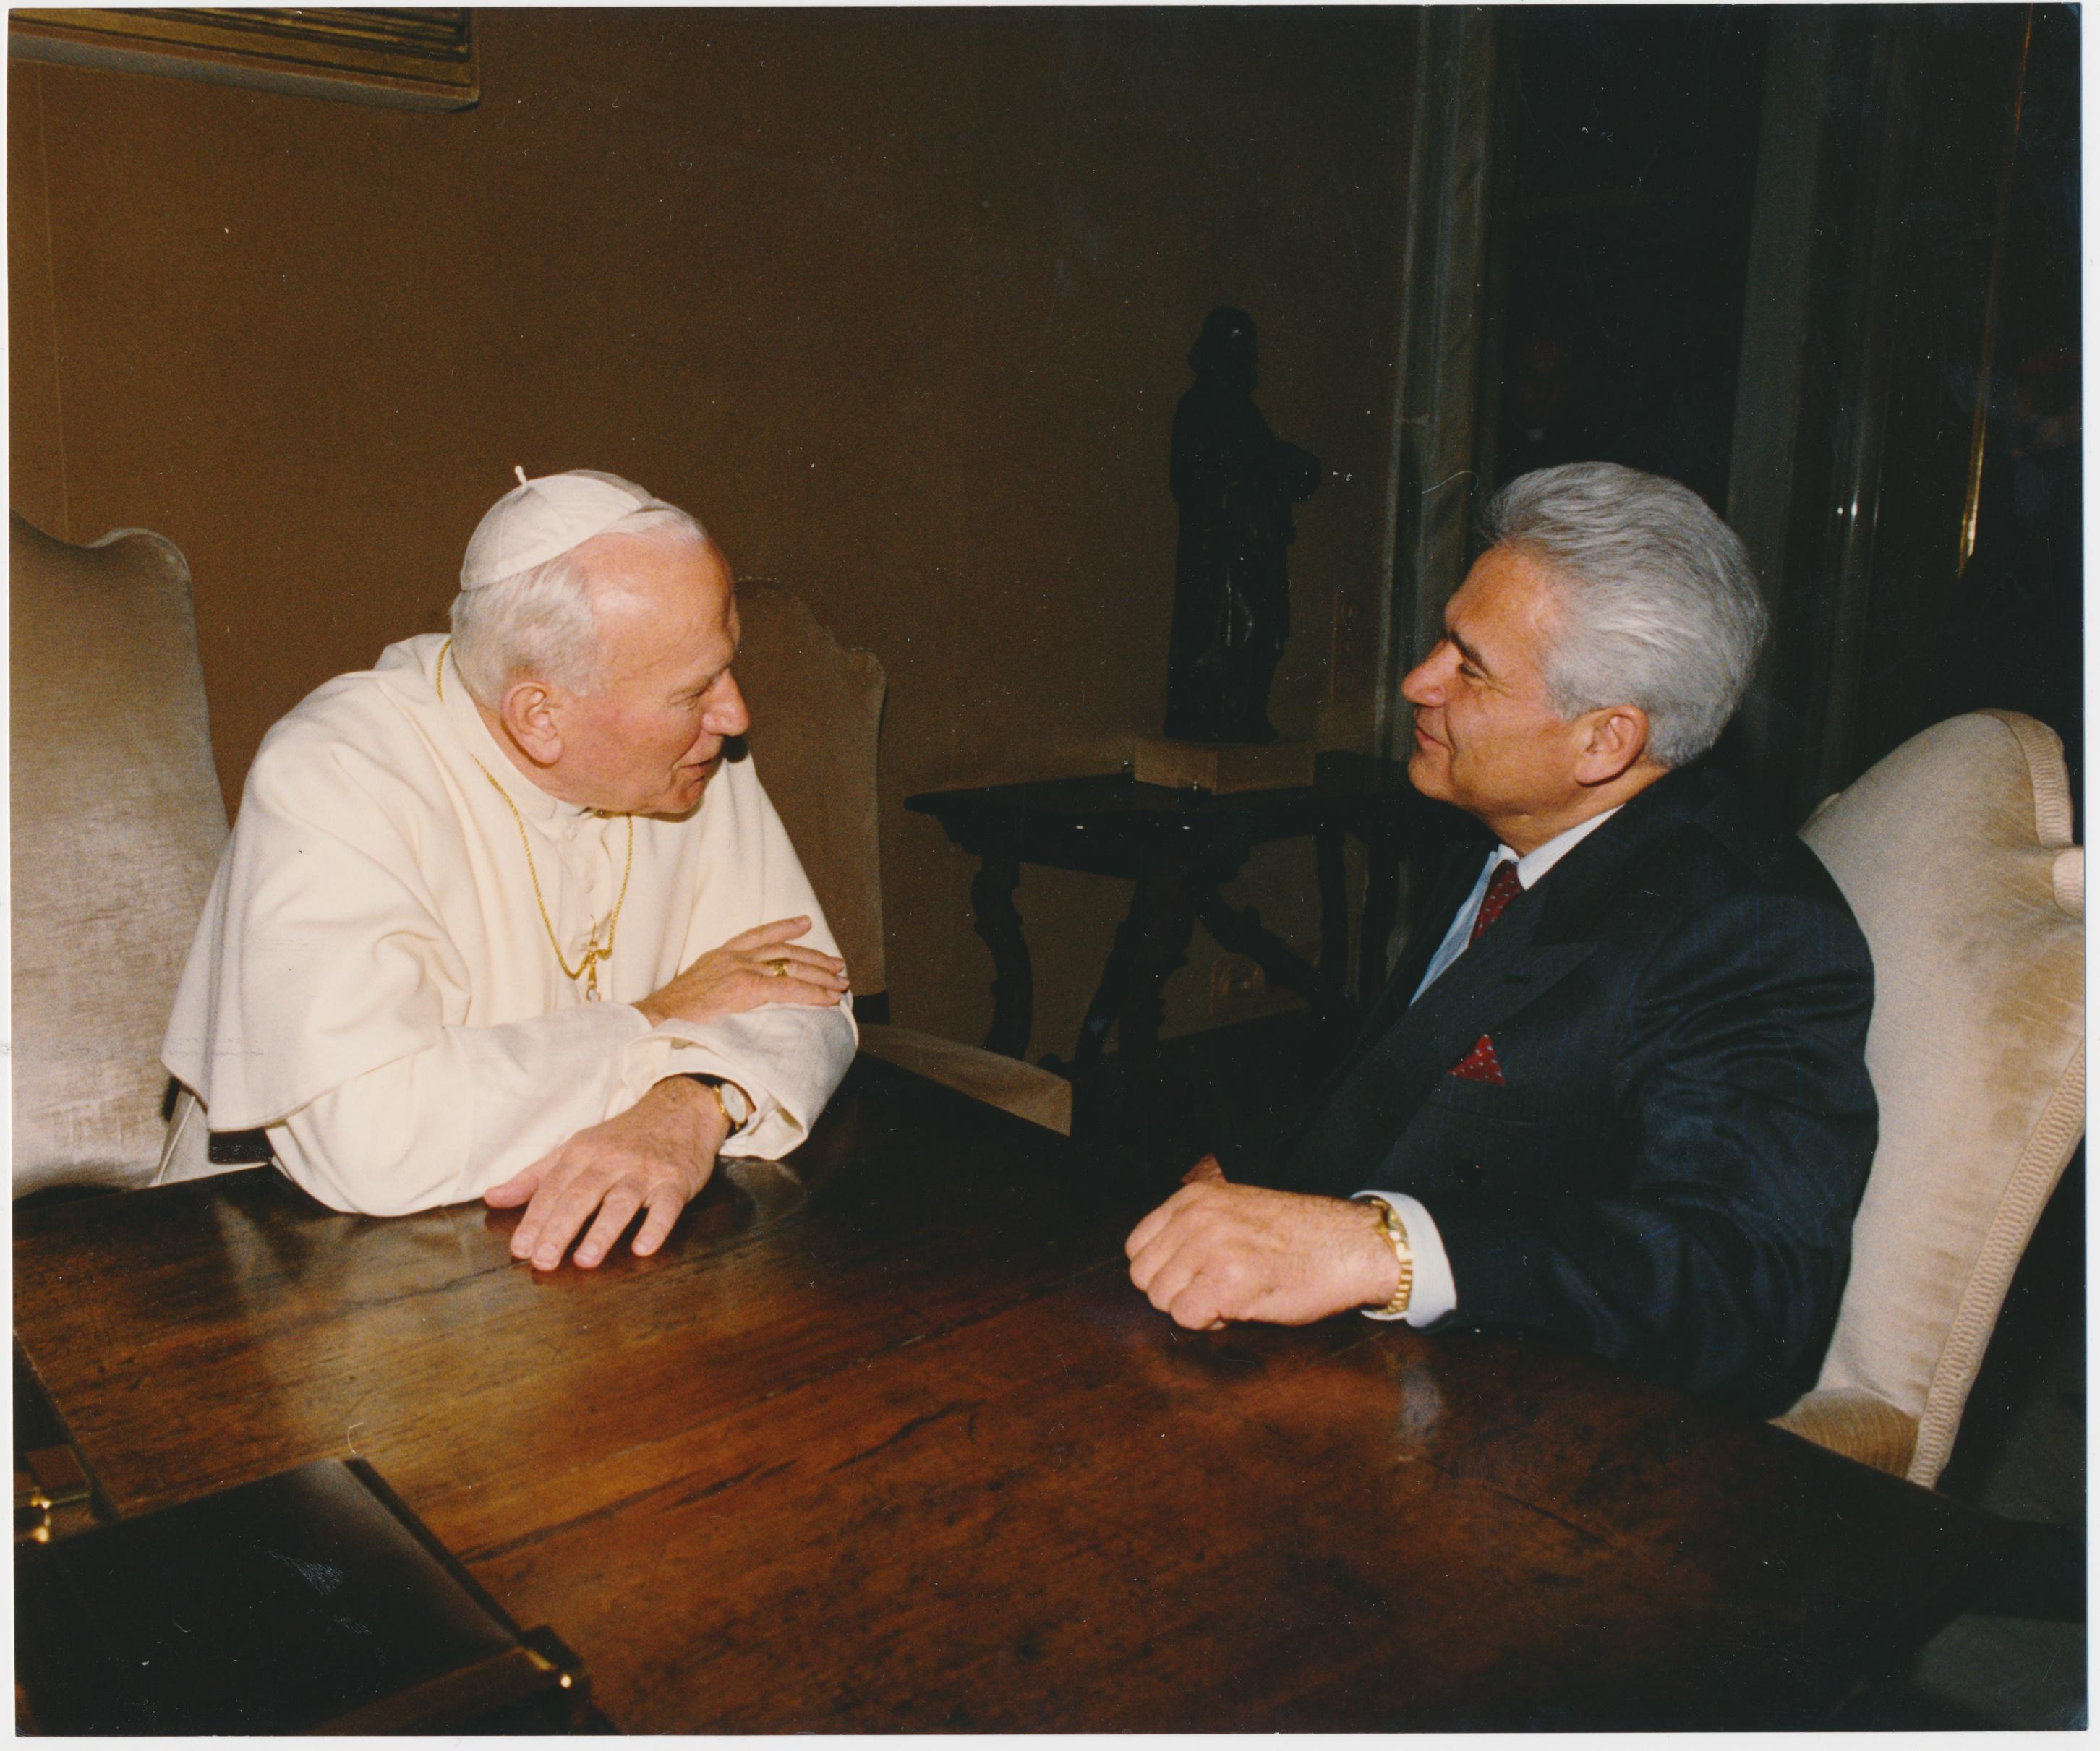 """С Папой Римским Иоанном Павлом II, 2002 год. «От него действительно какая-то чистота, святость исходила, я чувствовал себя в его присутствии так, словно на облаке сидел"""". Фото из личного архива Витольда Фокина"""